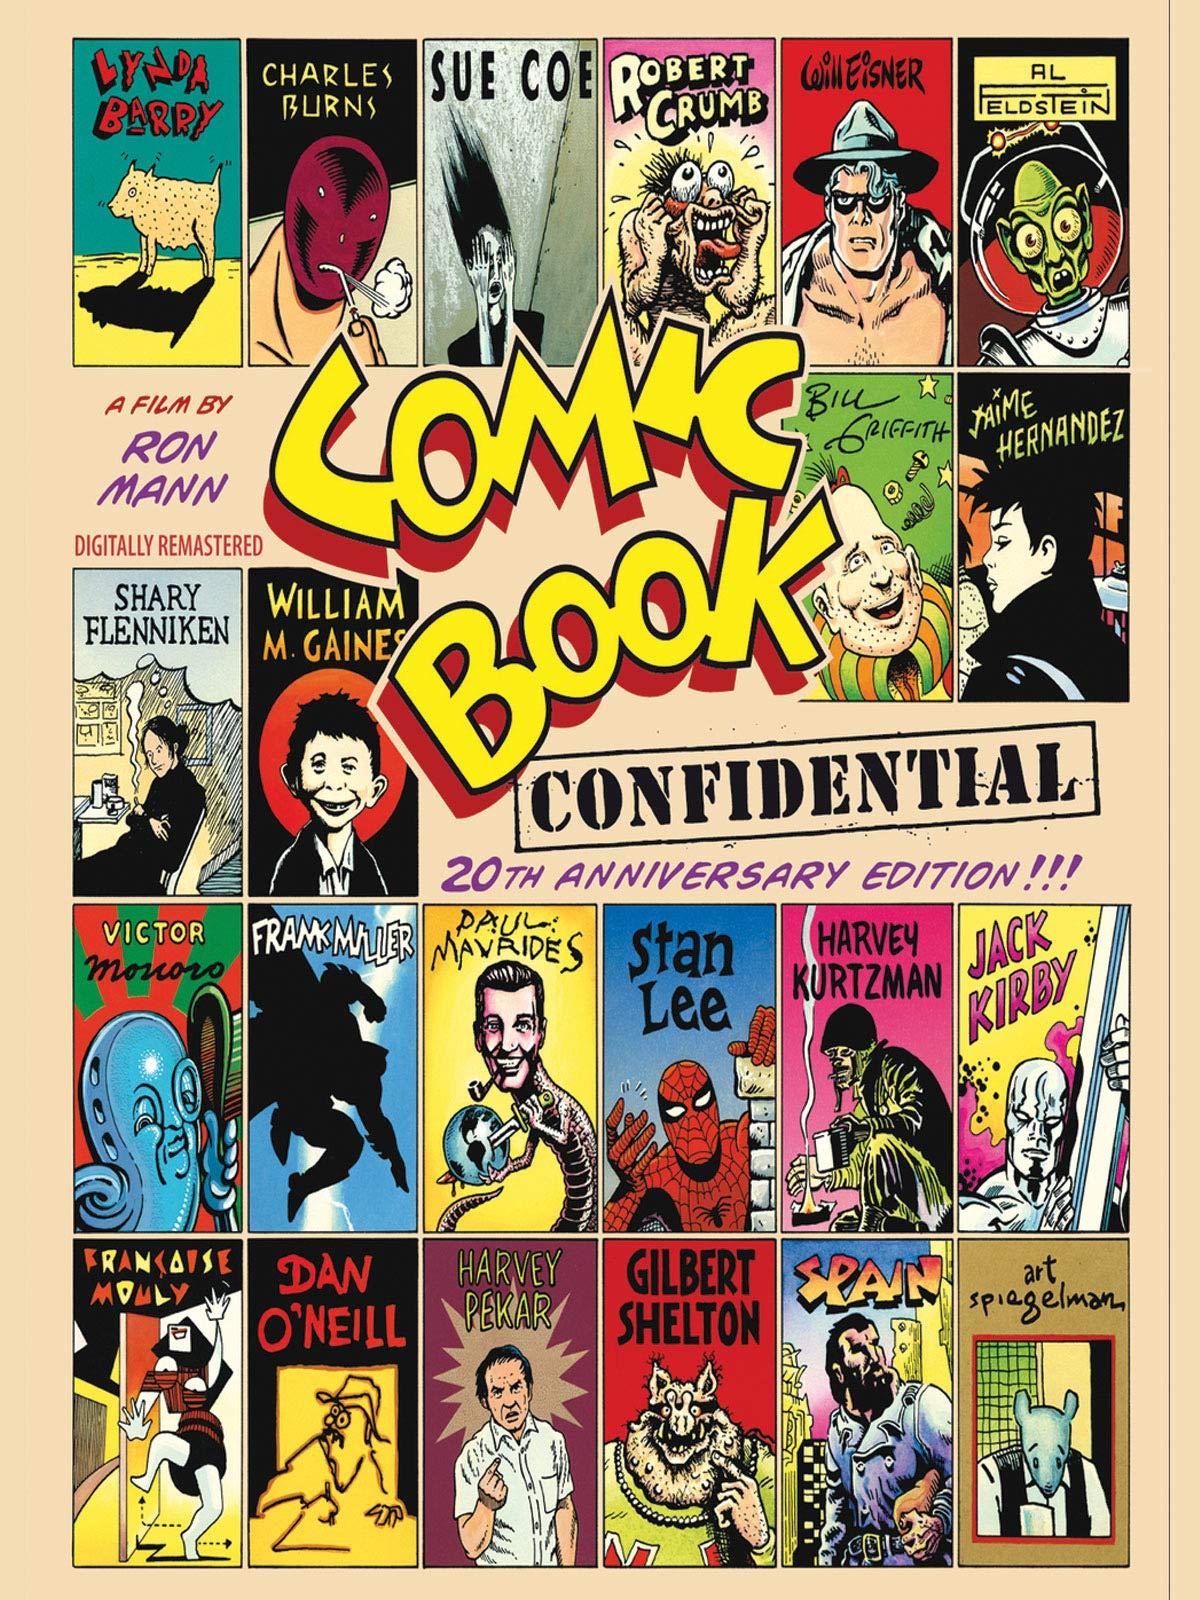 Comic Book Confidential (20th Anniversary Edition)